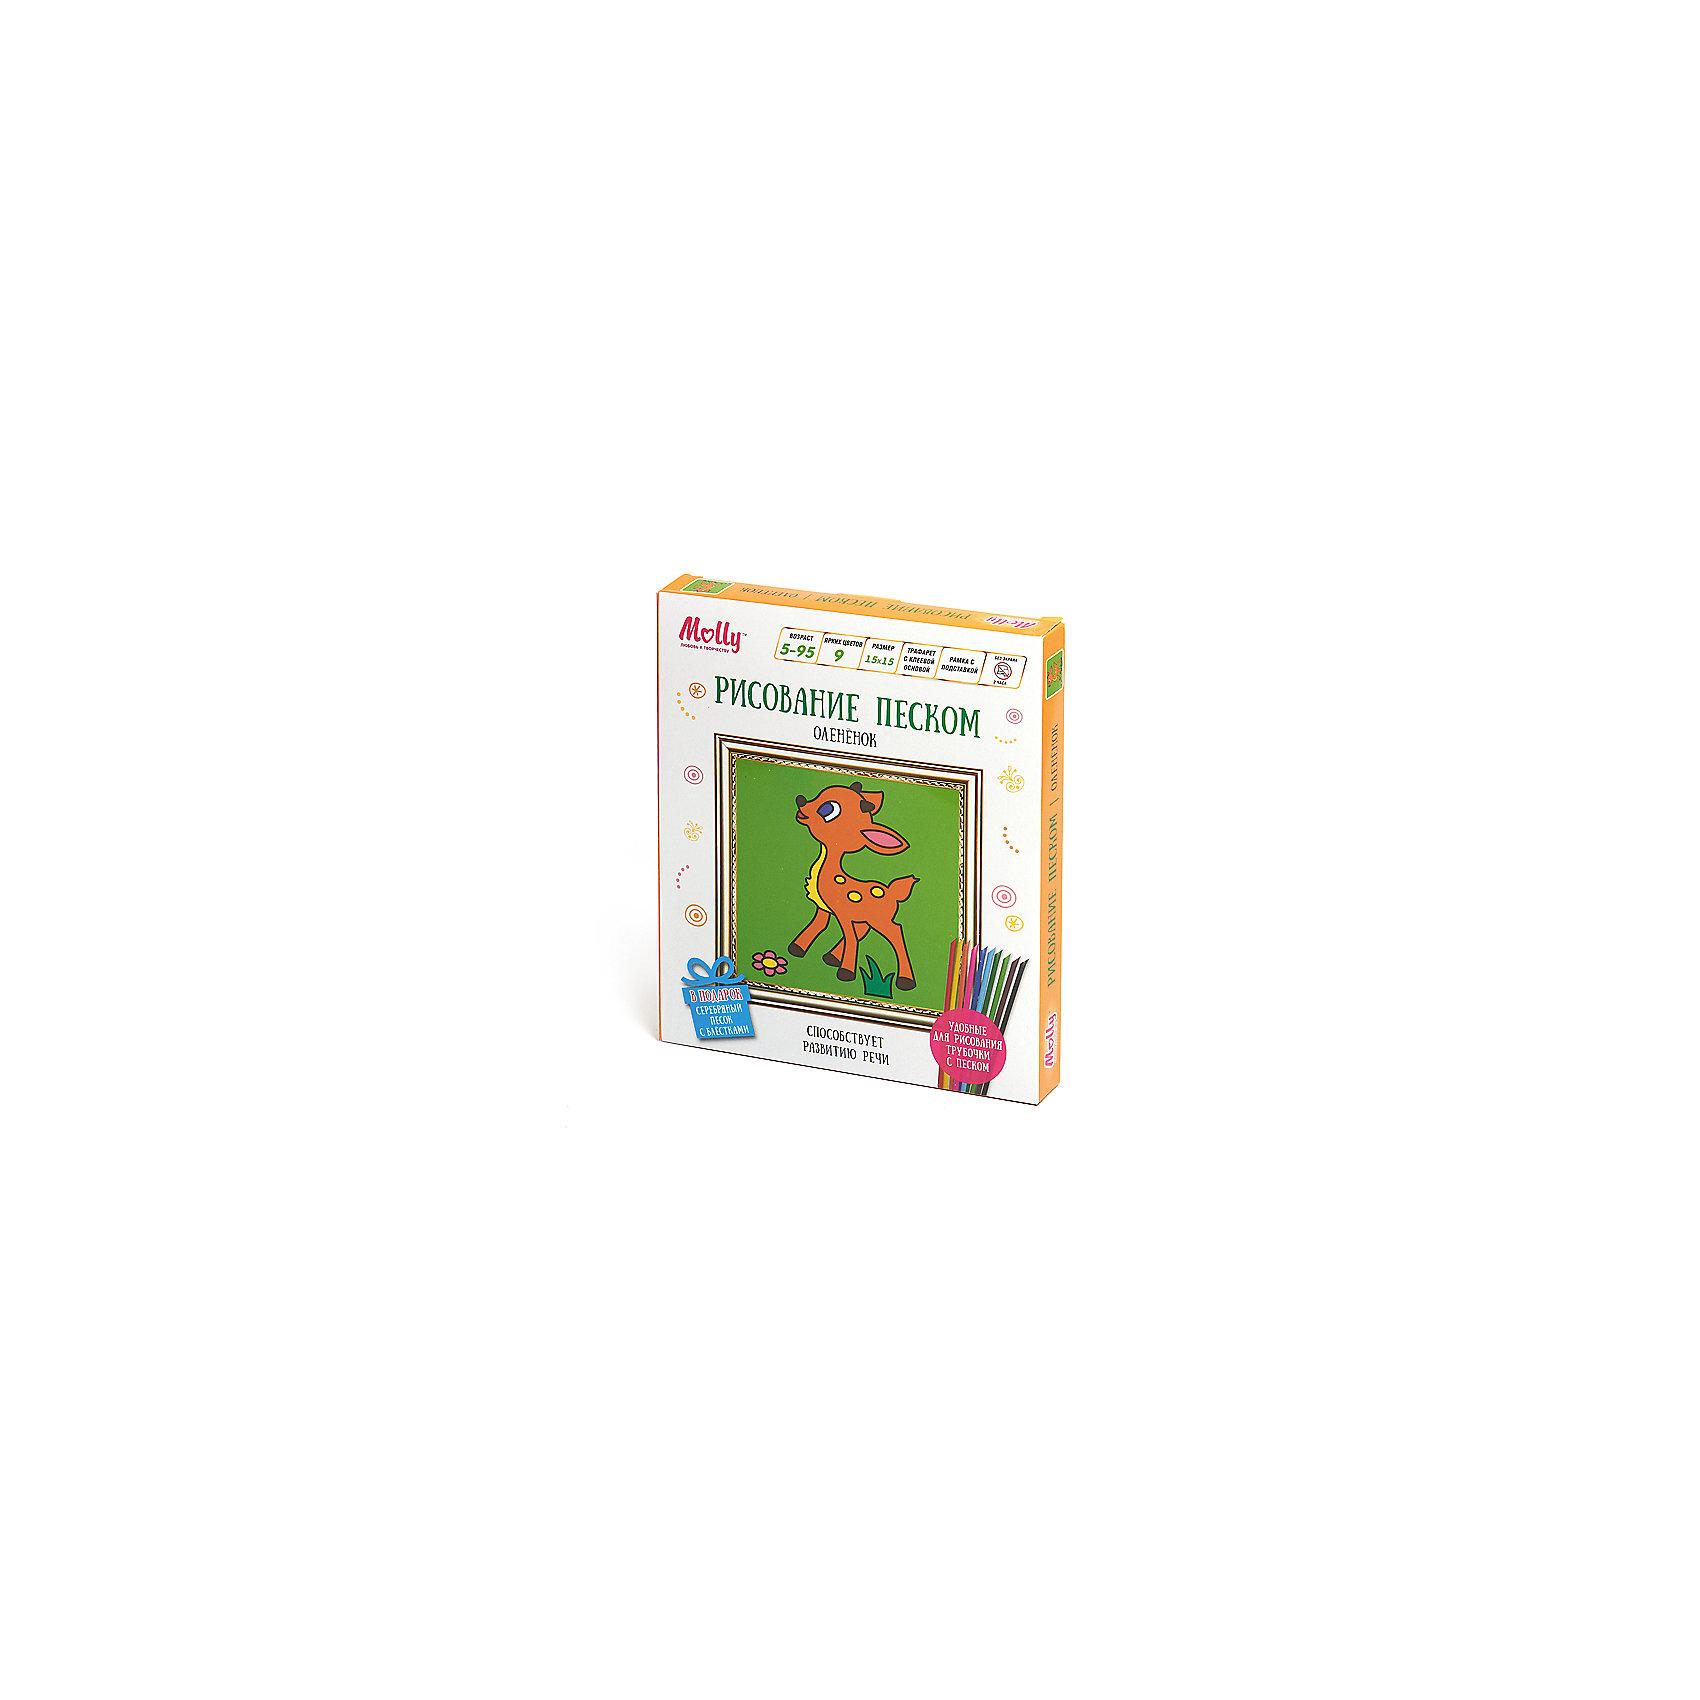 Рисование песком ОленёнокПесочные картинки<br>Характеристики товара:<br><br>• материал упаковки: картон <br>• в комплект входит: холст с клеевой основой и пластиковой рамкой, трубочки с песком – 9 шт<br>• размер холста: 15х15 см<br>• возраст: от 5 лет<br>• вес: 160 г<br>• габариты упаковки: 18,5х2,5х22 см<br>• страна производитель: Китай<br><br>Рисование песком – интересное и необычное занятие. Новые материалы быстро привлекут внимание ребенка, улучшат его мелкую моторику, аккуратность и творческие способности. В наборе есть все необходимое для творчества и подробная инструкция. Материалы, использованные при изготовлении товаров, проходят проверку на качество и соответствие международным требованиям по безопасности.<br><br>Рисование песком Оленёнок можно купить в нашем интернет-магазине.<br><br>Ширина мм: 185<br>Глубина мм: 25<br>Высота мм: 220<br>Вес г: 160<br>Возраст от месяцев: 60<br>Возраст до месяцев: 2147483647<br>Пол: Унисекс<br>Возраст: Детский<br>SKU: 5417595